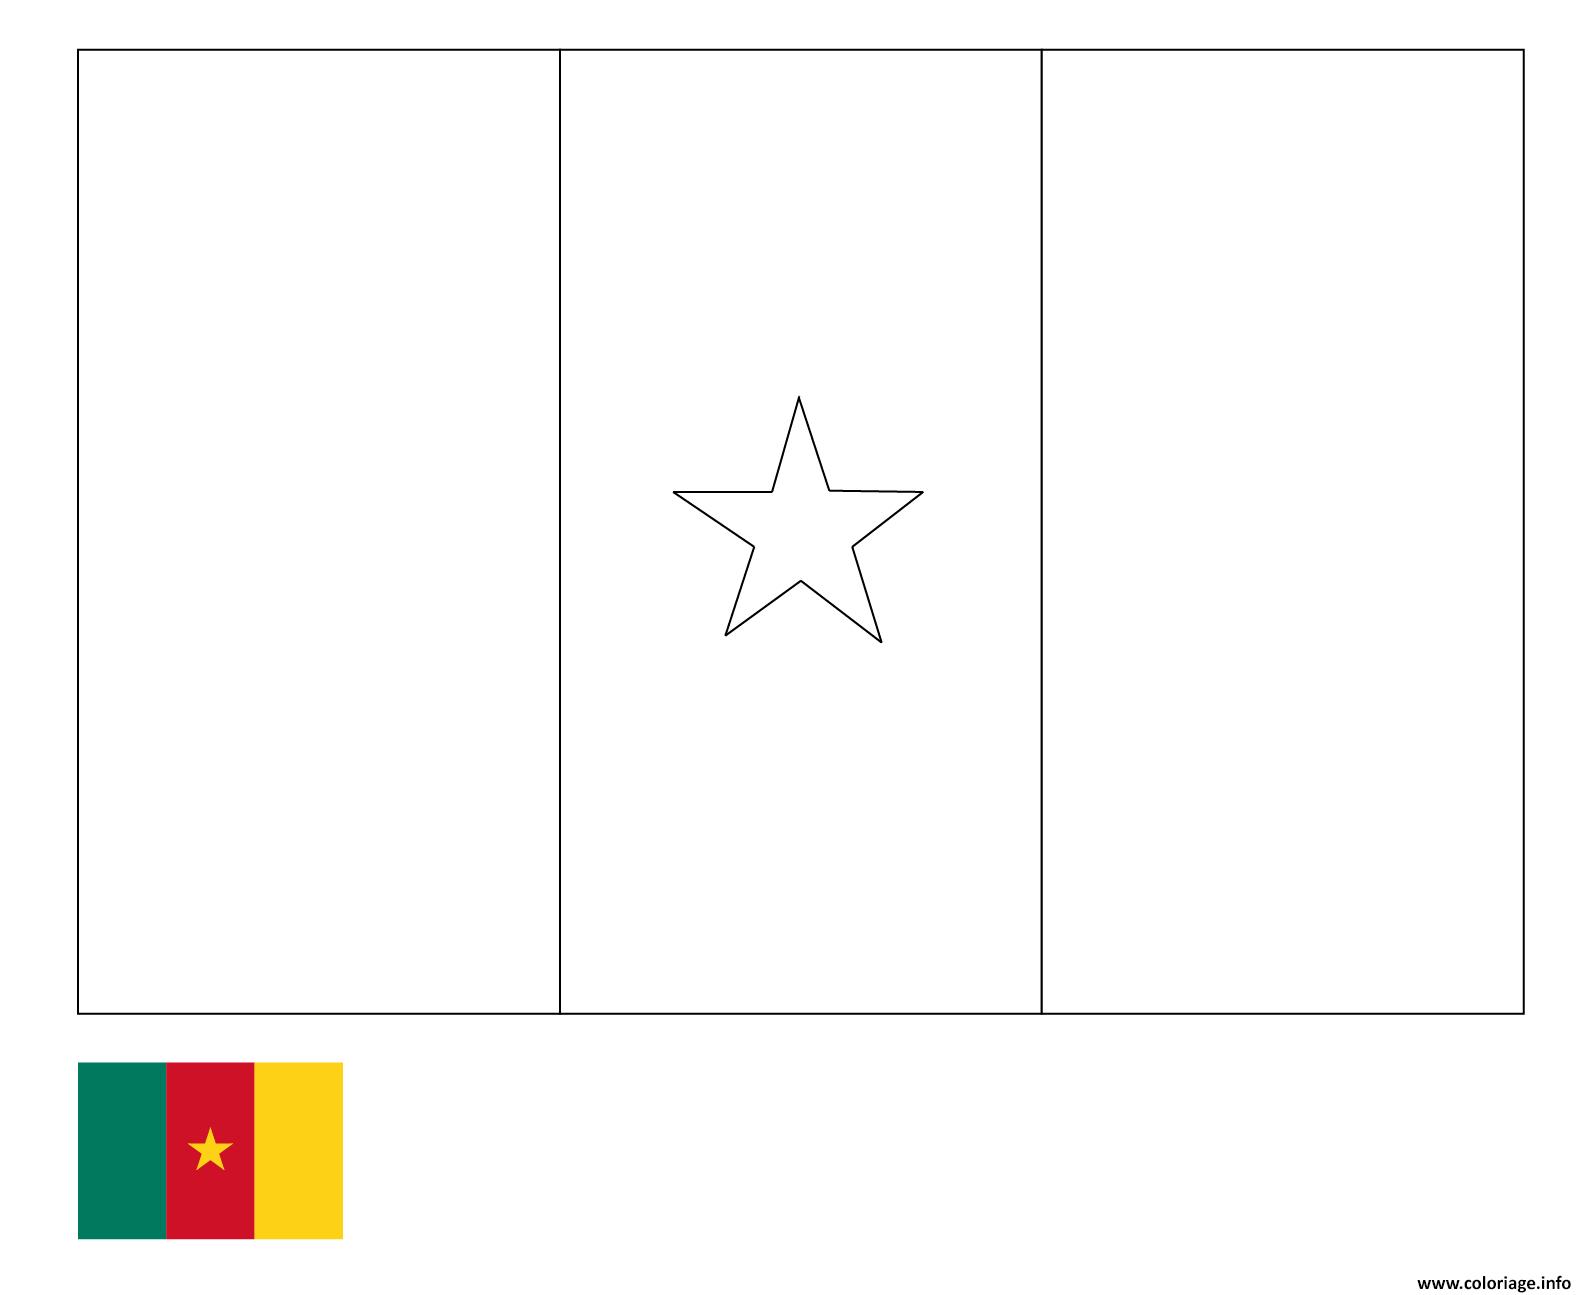 Coloriage Drapeau Cameroun Pays Afrique Centrale Dessin destiné Dessin Africain A Colorier